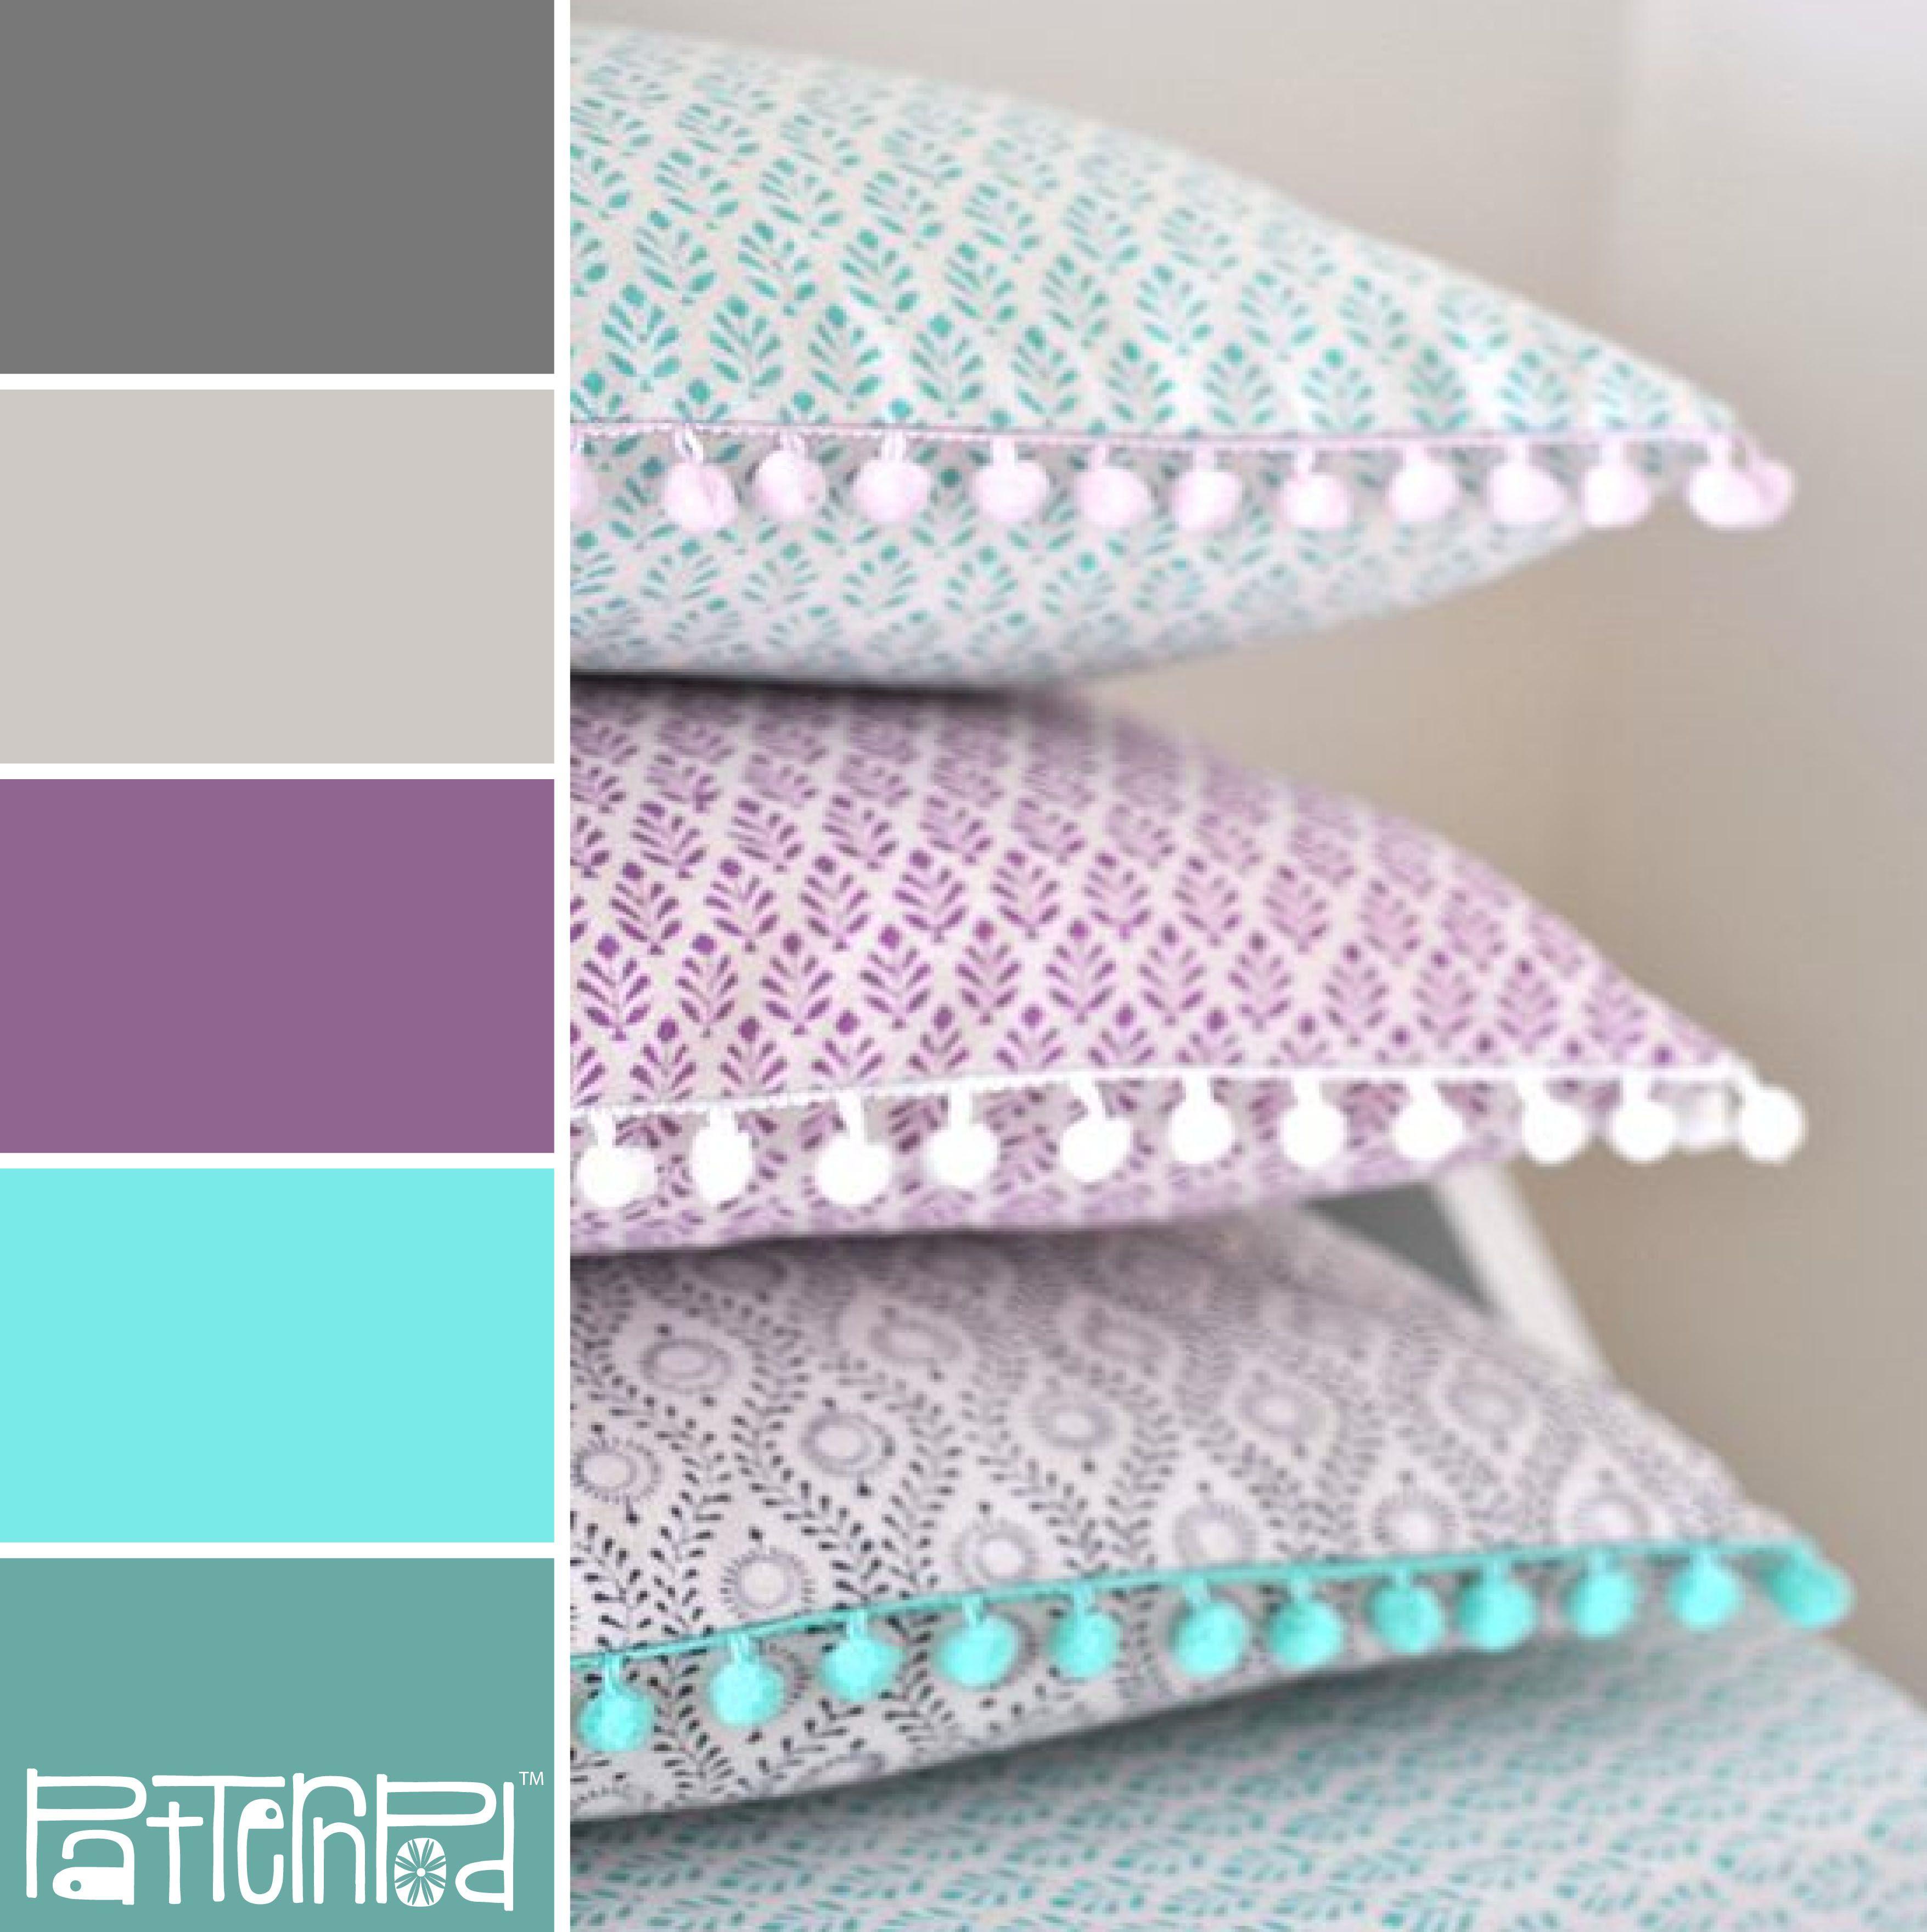 Prim pillow patternpod patternpodcolor color colorpalettes